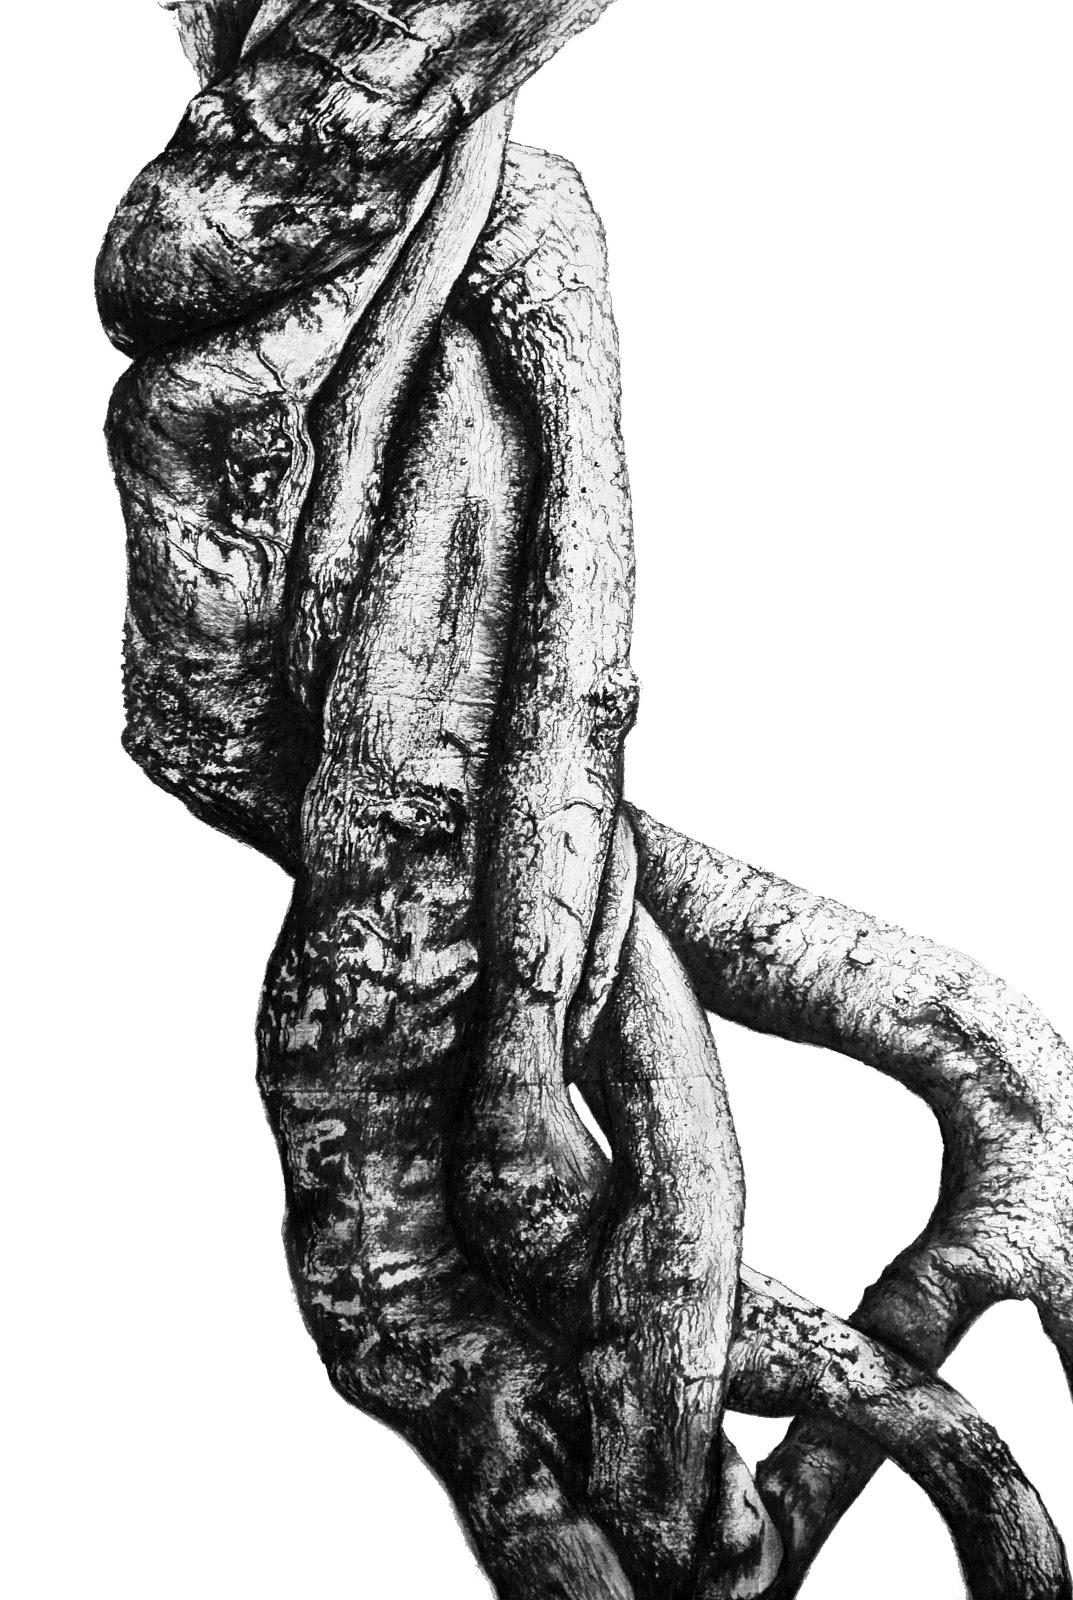 Embrace (El abrazo), 2013